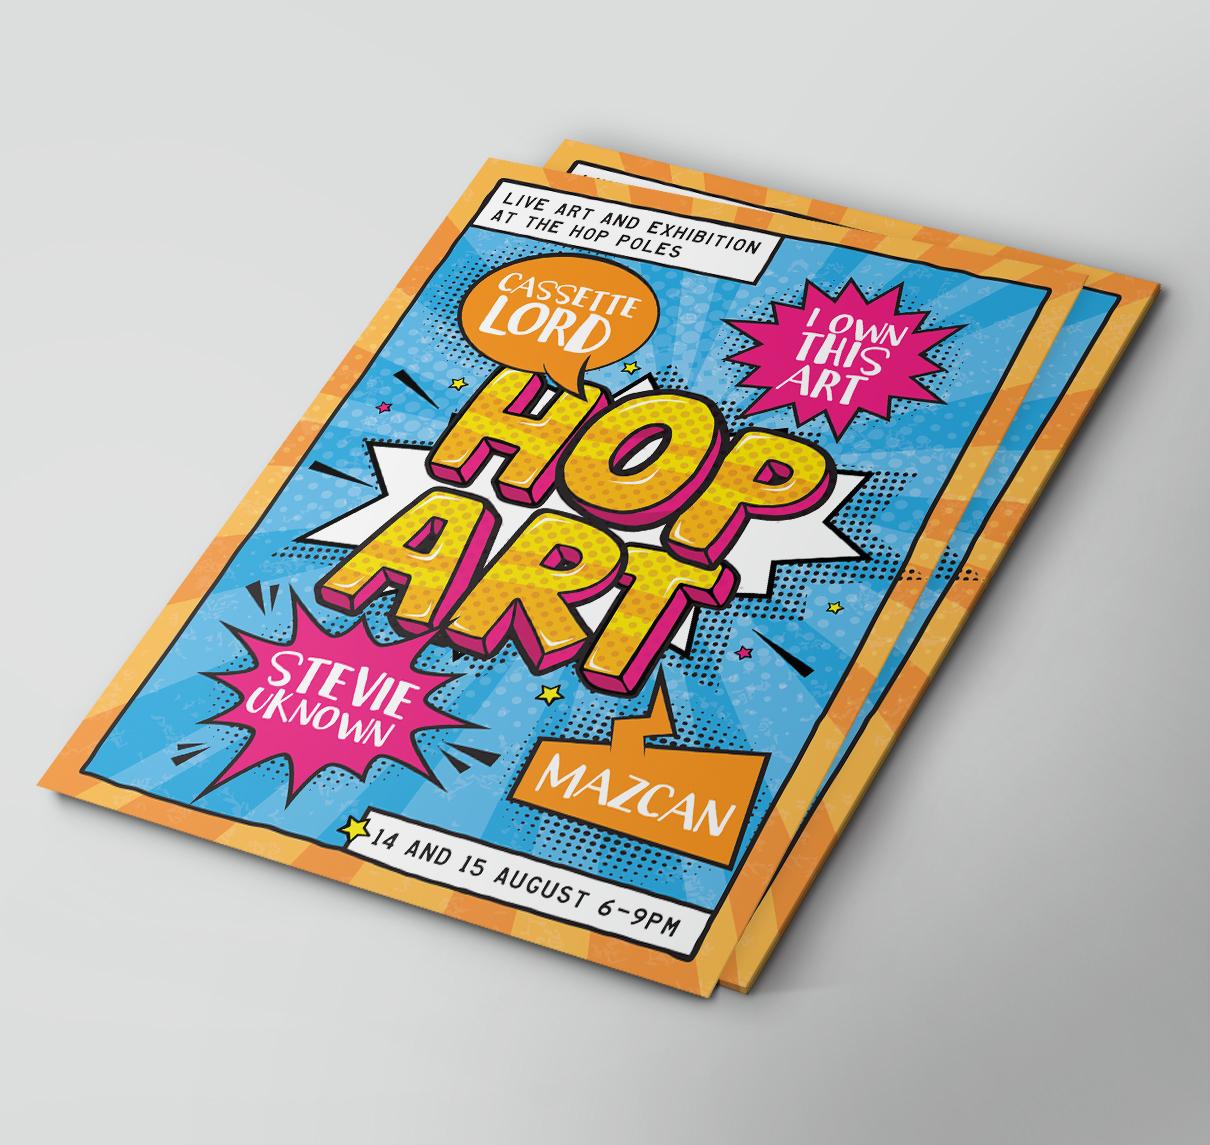 The Hop Poles Brighton